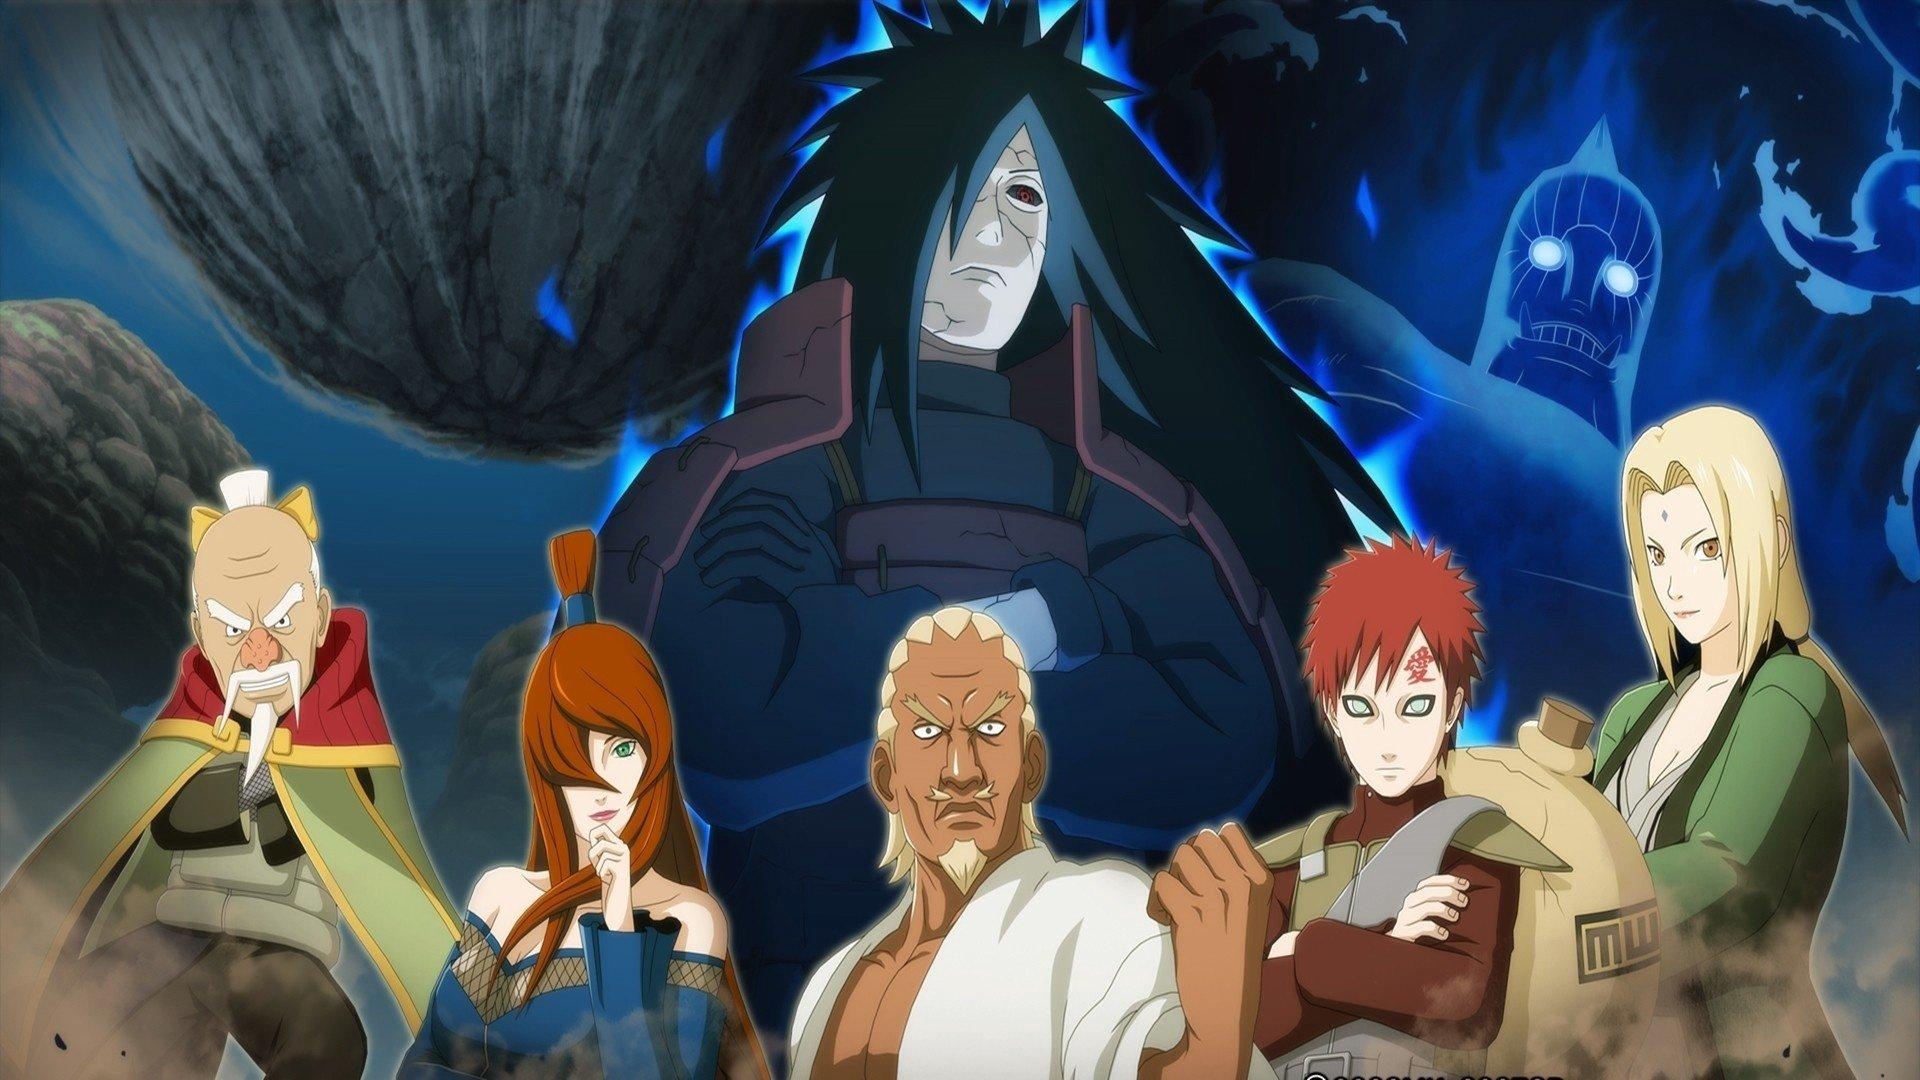 10 Pertarungan Terbaik di Anime Naruto Sepanjang Masa 8